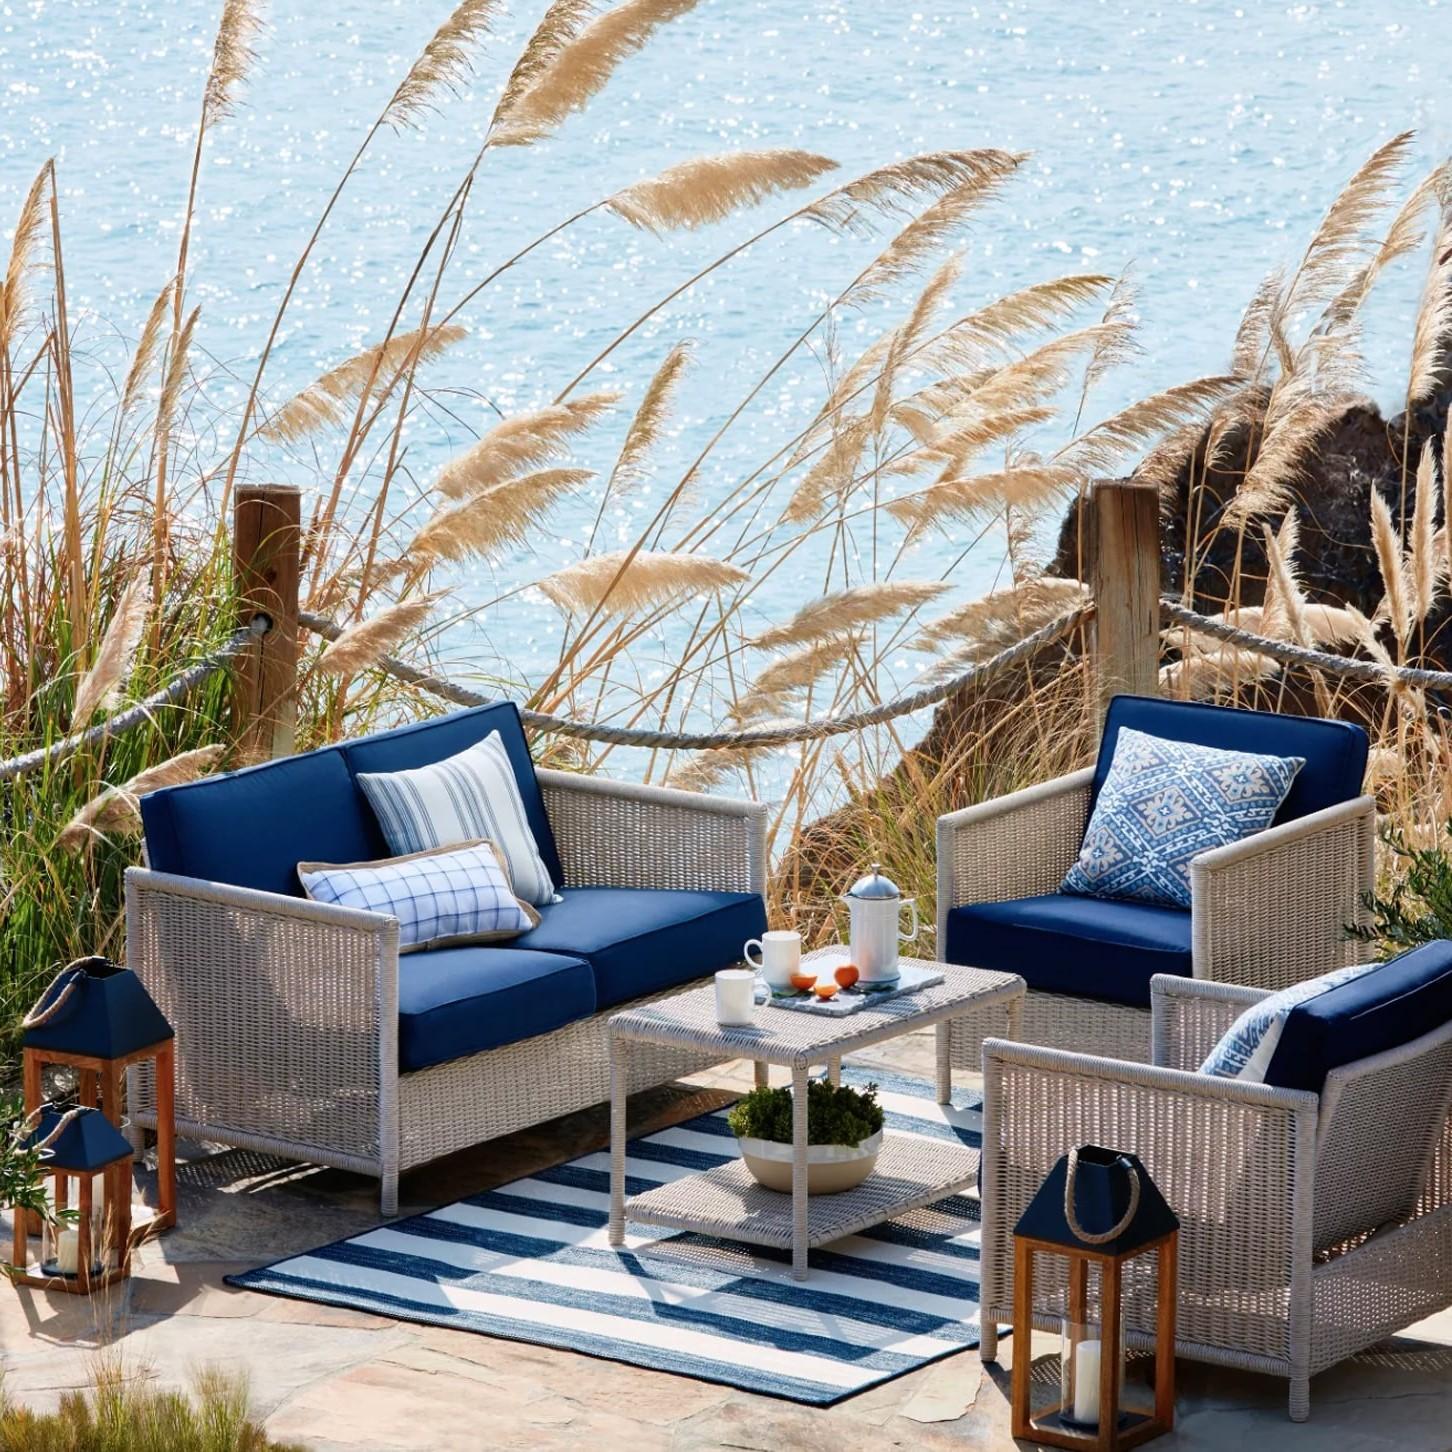 Même si vous n'avez pas vue sur la mer, faites en sorte que votre jardin vous donne l'impression d'être en vacances là-bas. Le bleu et le blanc sont tout ce dont vous avez besoin.